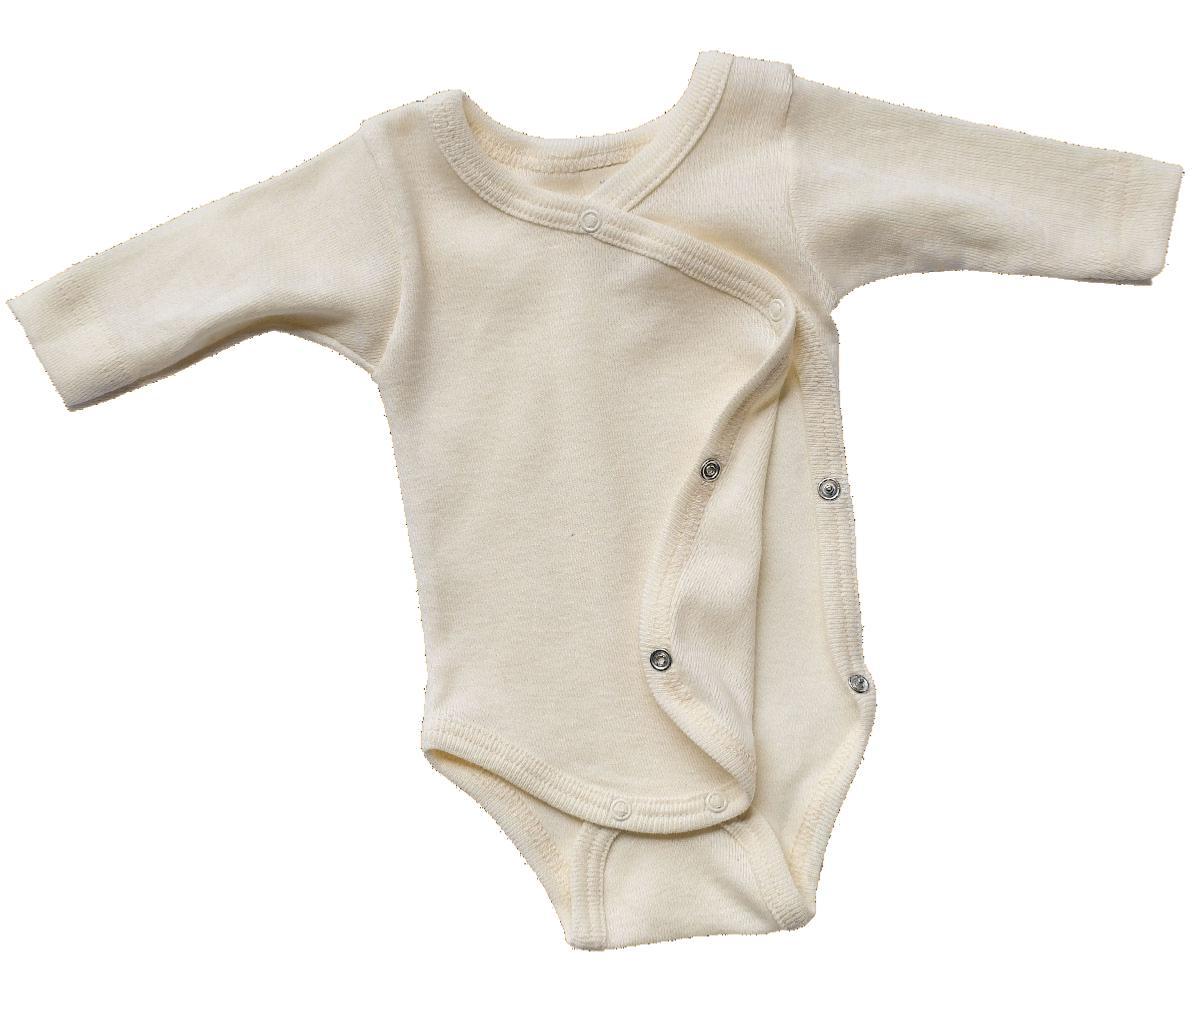 Le body en laine mérinos et soie est notre coup de cœur pour accueillir les  plus petits. Sa forme croisée de type kimono facilite l habillage des  premiers ... 3deeec83055